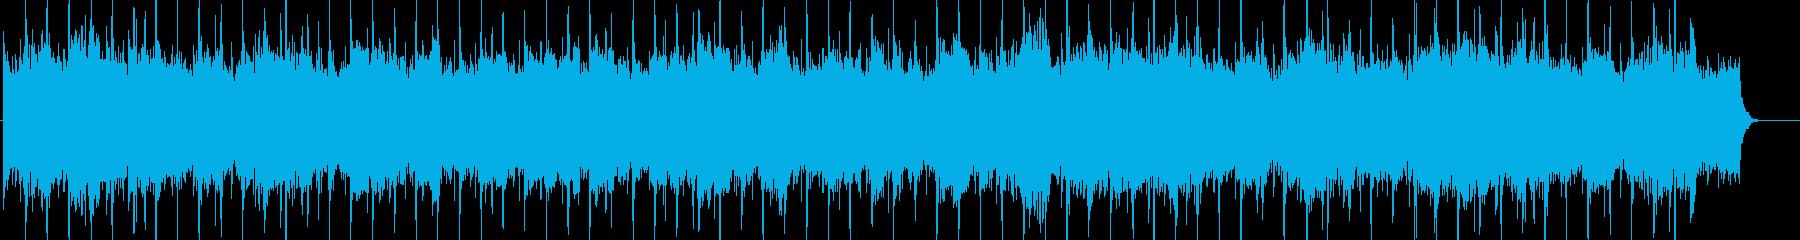 シンセボイス付きの荘厳な雰囲気のBGMの再生済みの波形